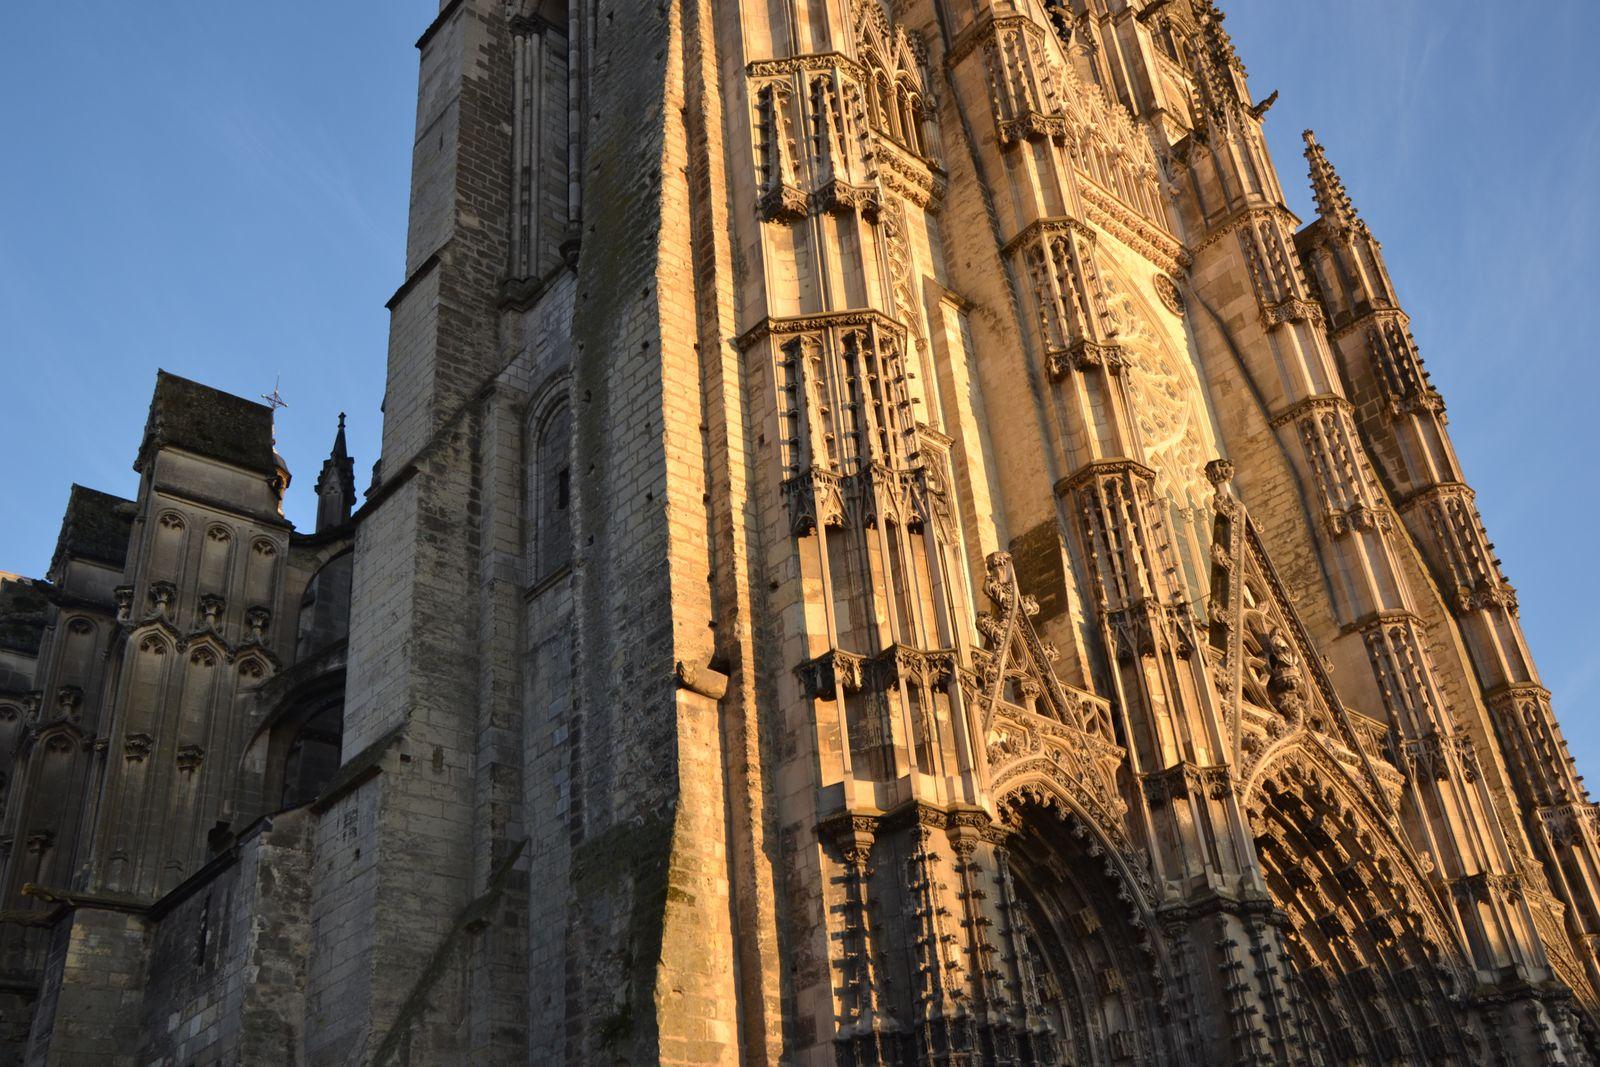 la cathédrale, centre symbolique et physique d'une ville